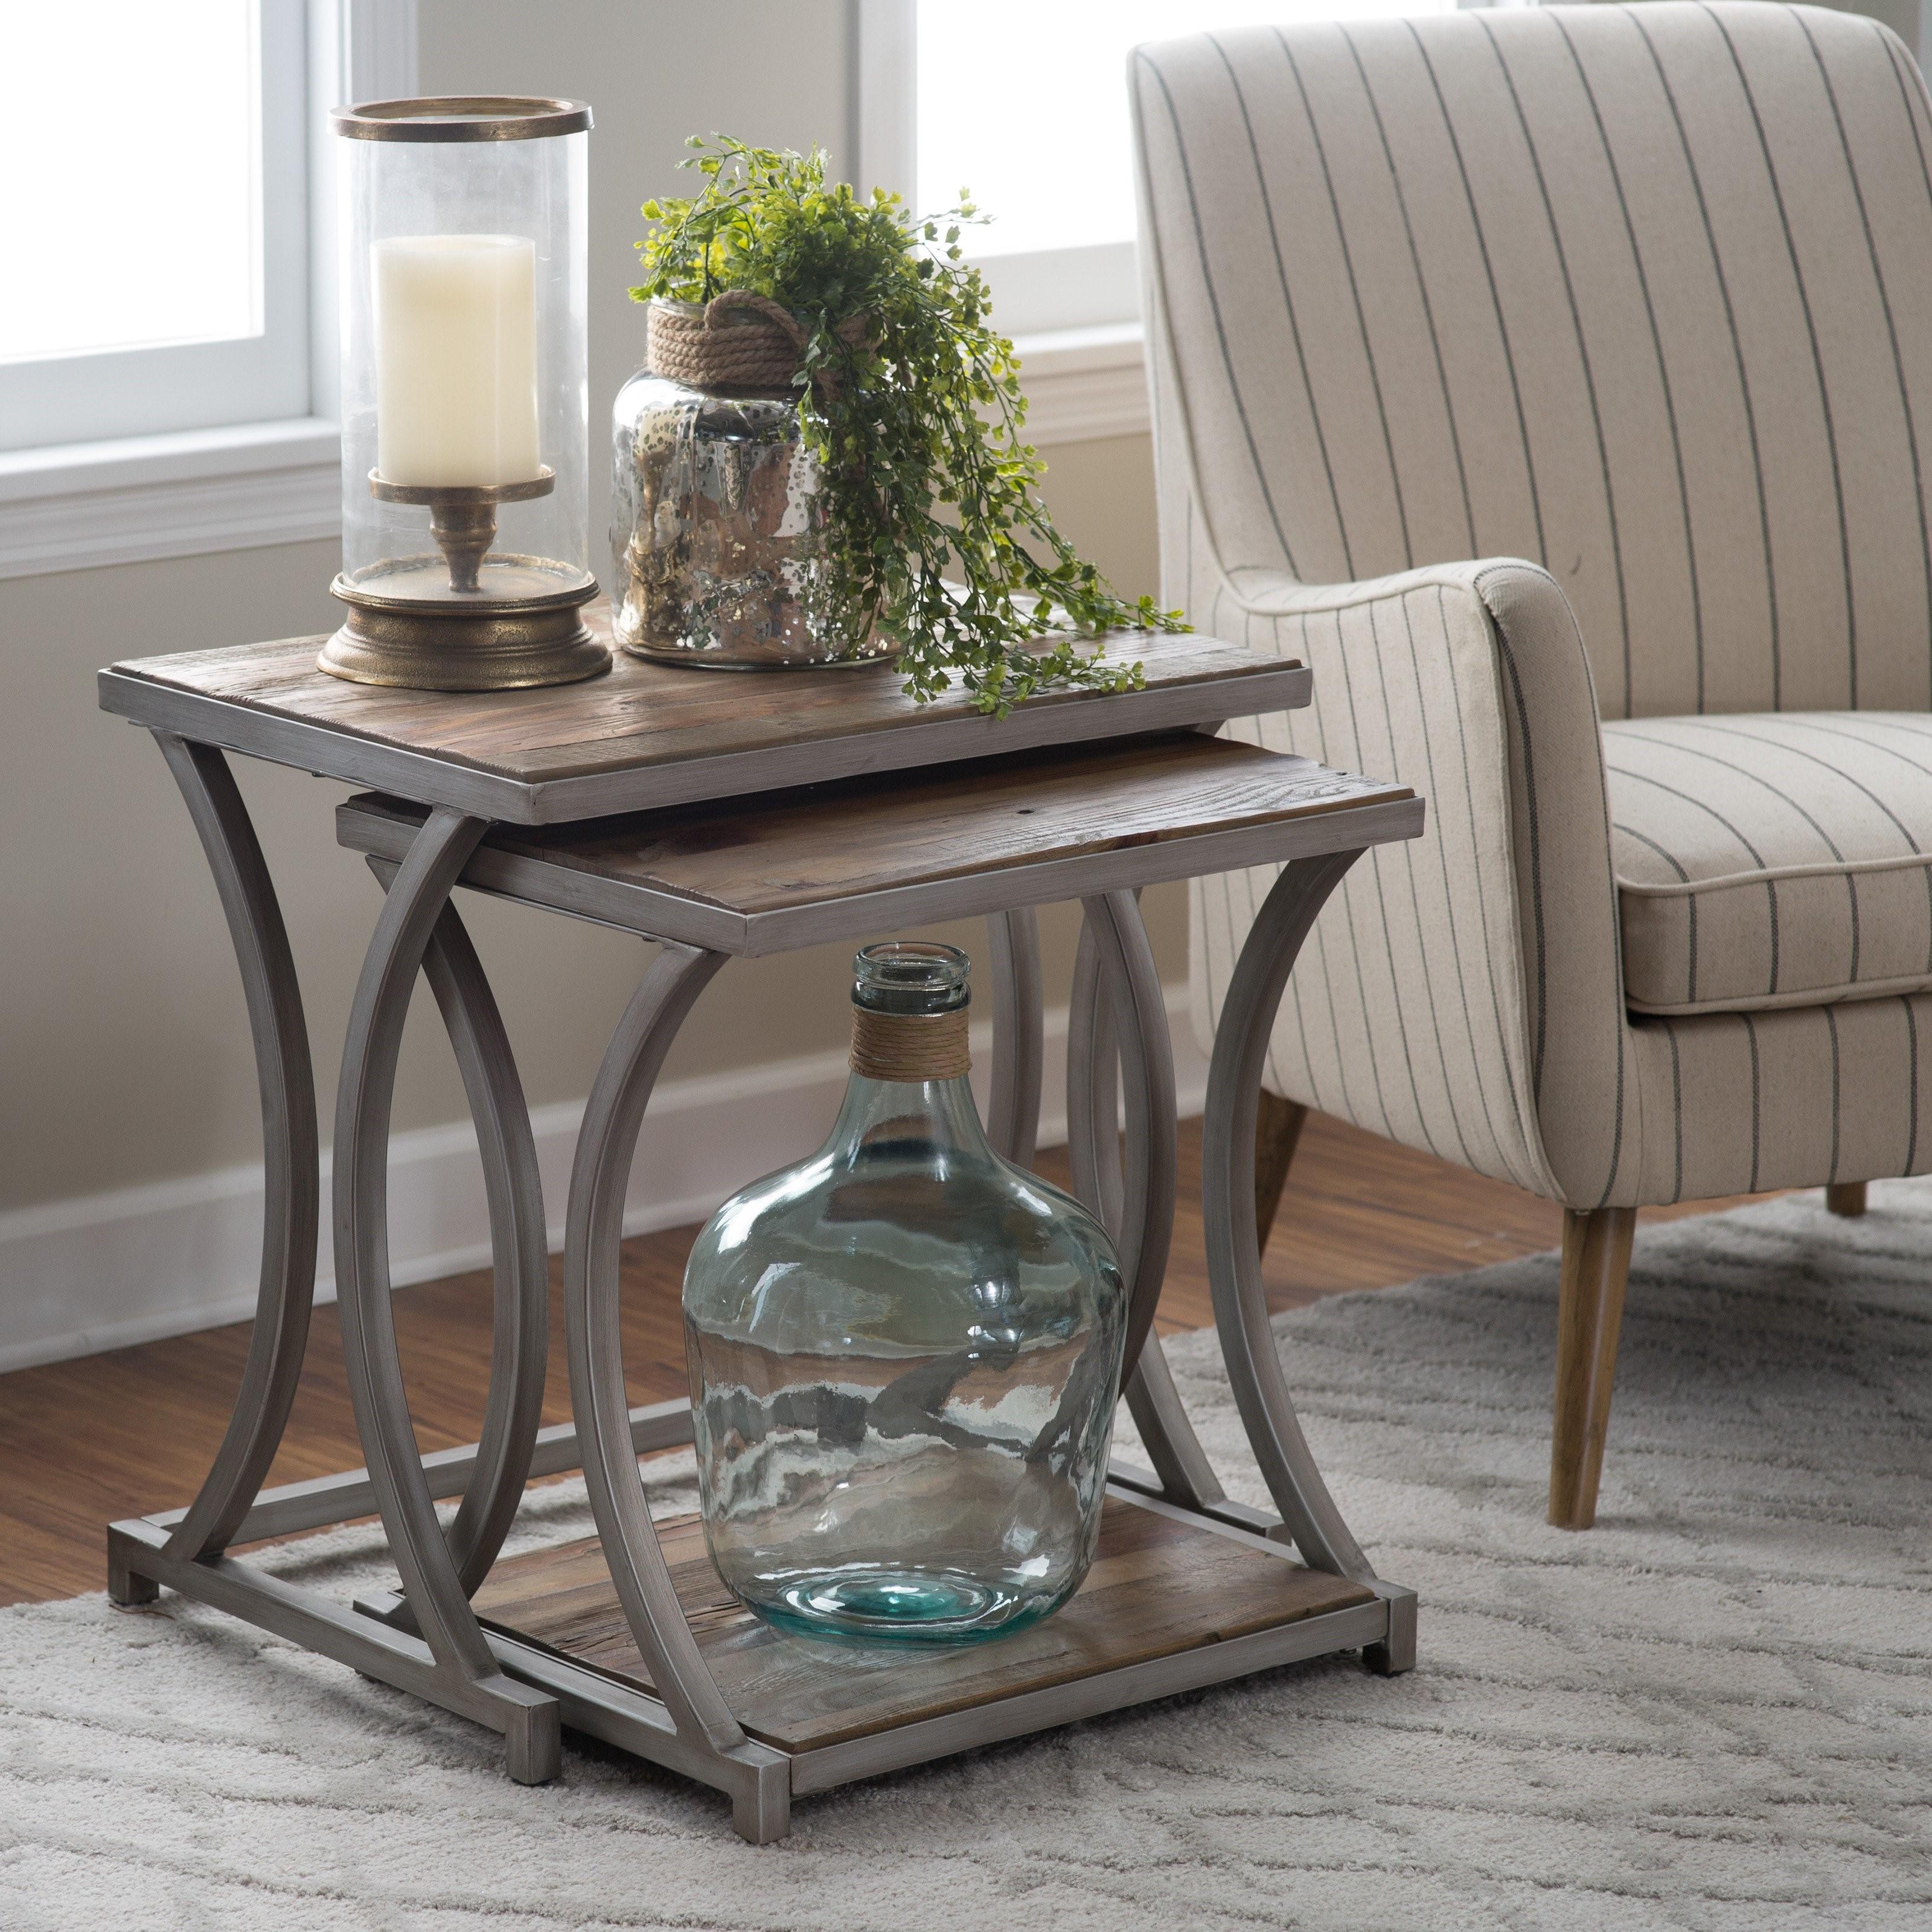 Les tables gigognes en bois ont aussi un charme classique.